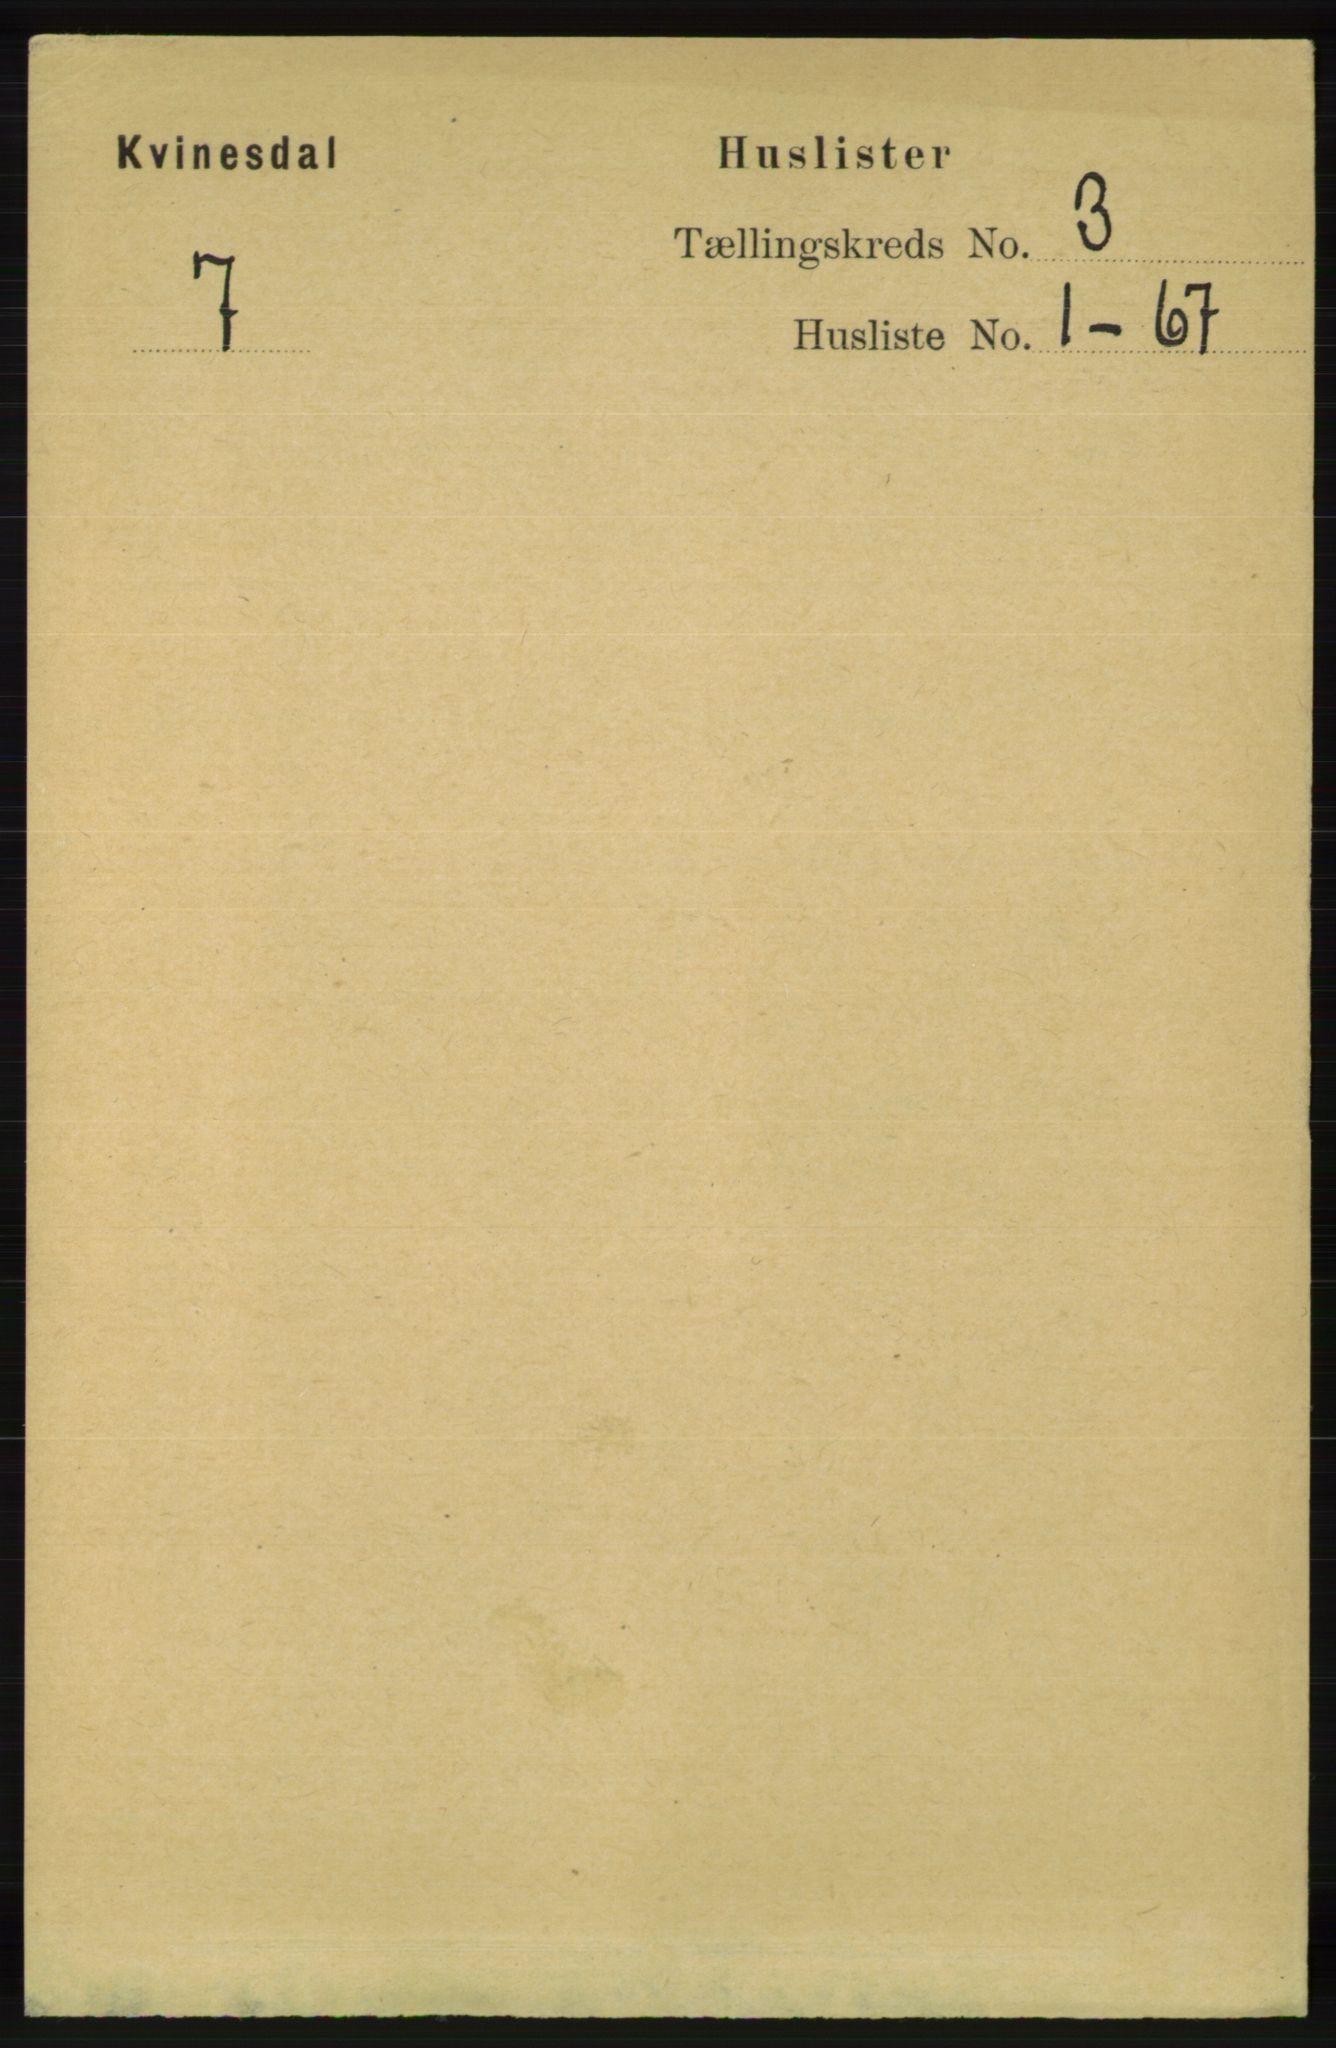 RA, Folketelling 1891 for 1037 Kvinesdal herred, 1891, s. 955